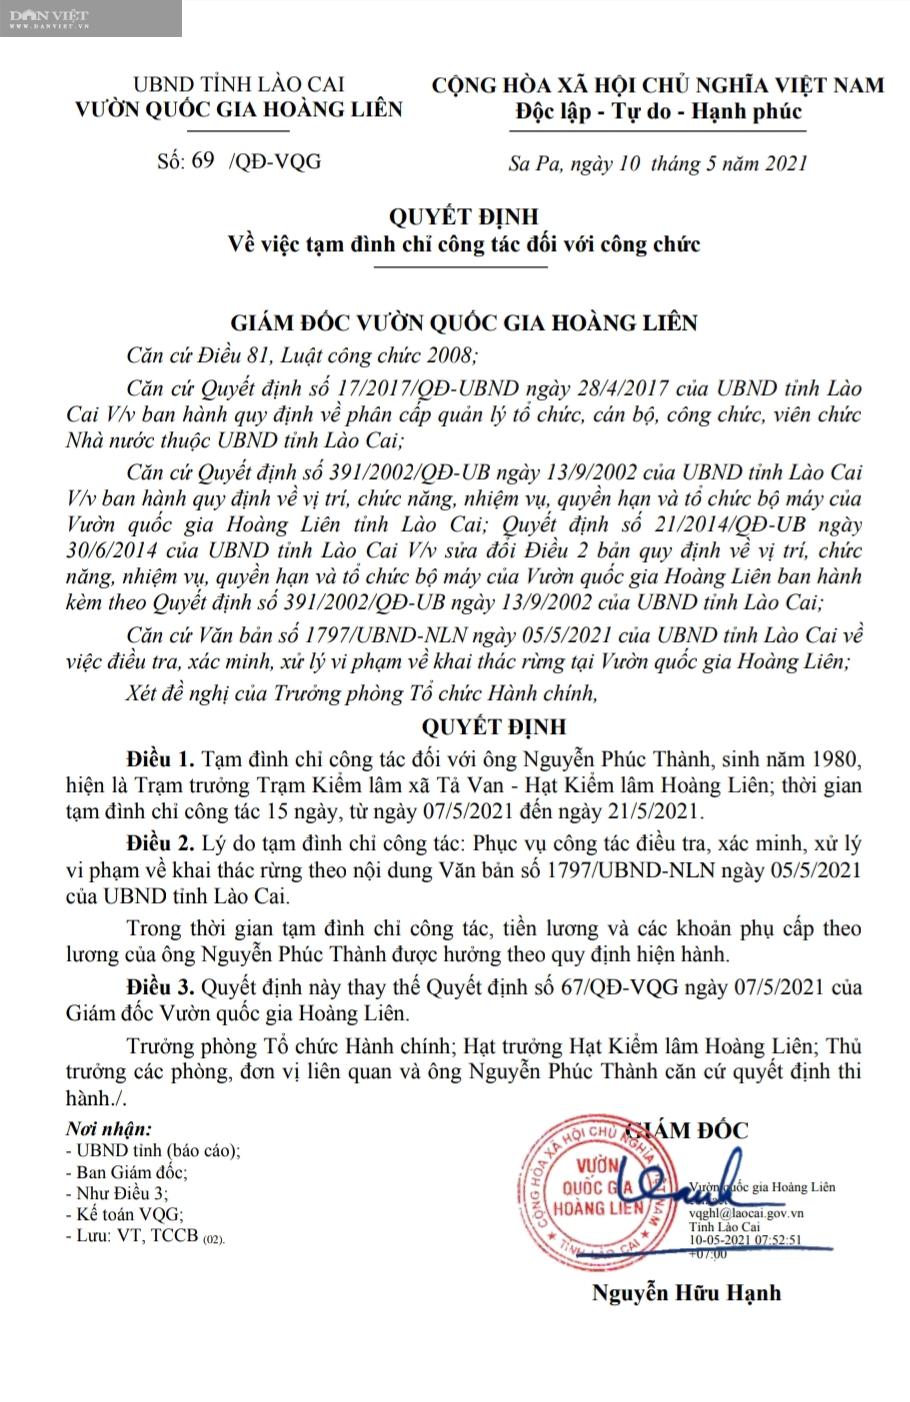 Phá rừng pơ mu VQG Hoàng Liên: UBND tỉnh Lào Cai sẽ tiếp tục xử lý trách nhiệm tổ chức, cá nhân có liên quan - Ảnh 3.